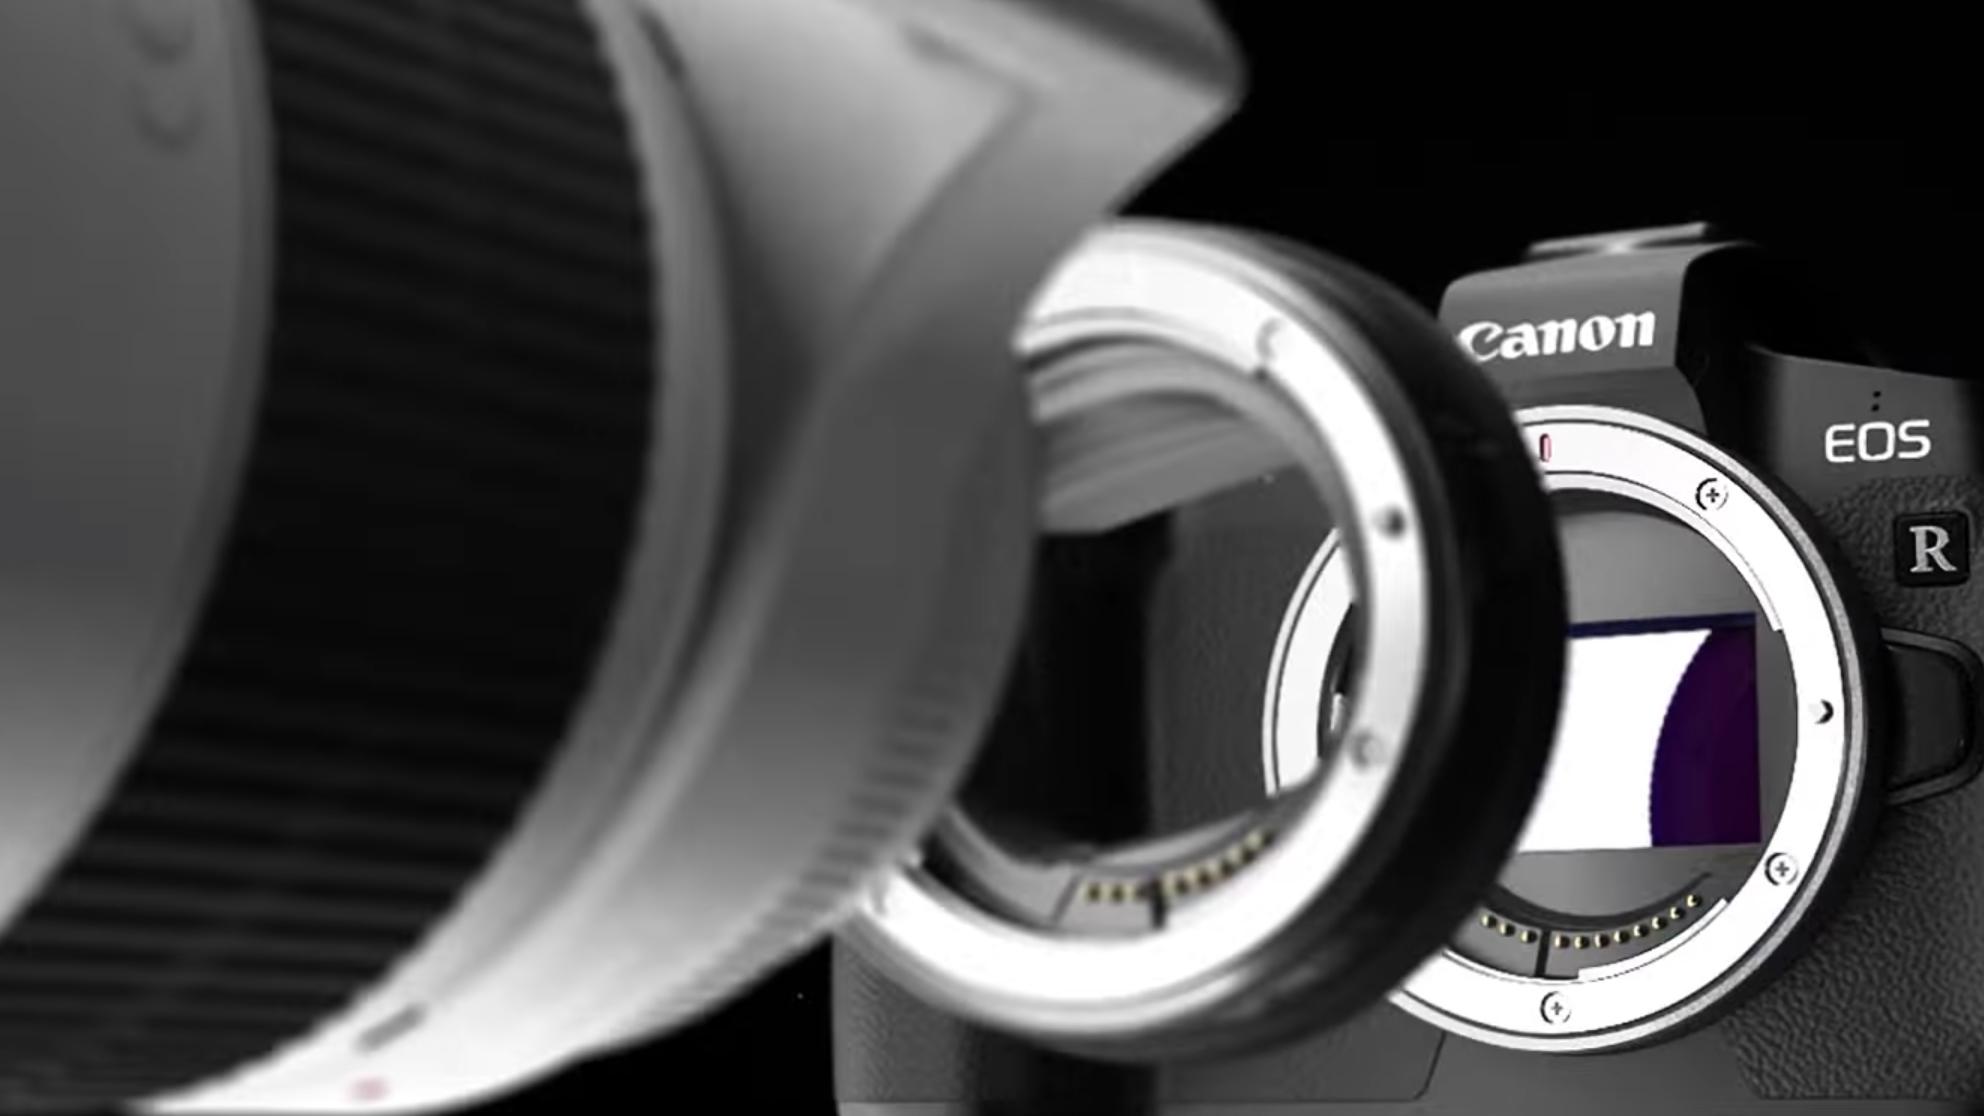 Neue Gerüchte, dass Canon eine spiegellose EOS R-Kamera für Profis herausbringen wird, tauchen auf 1